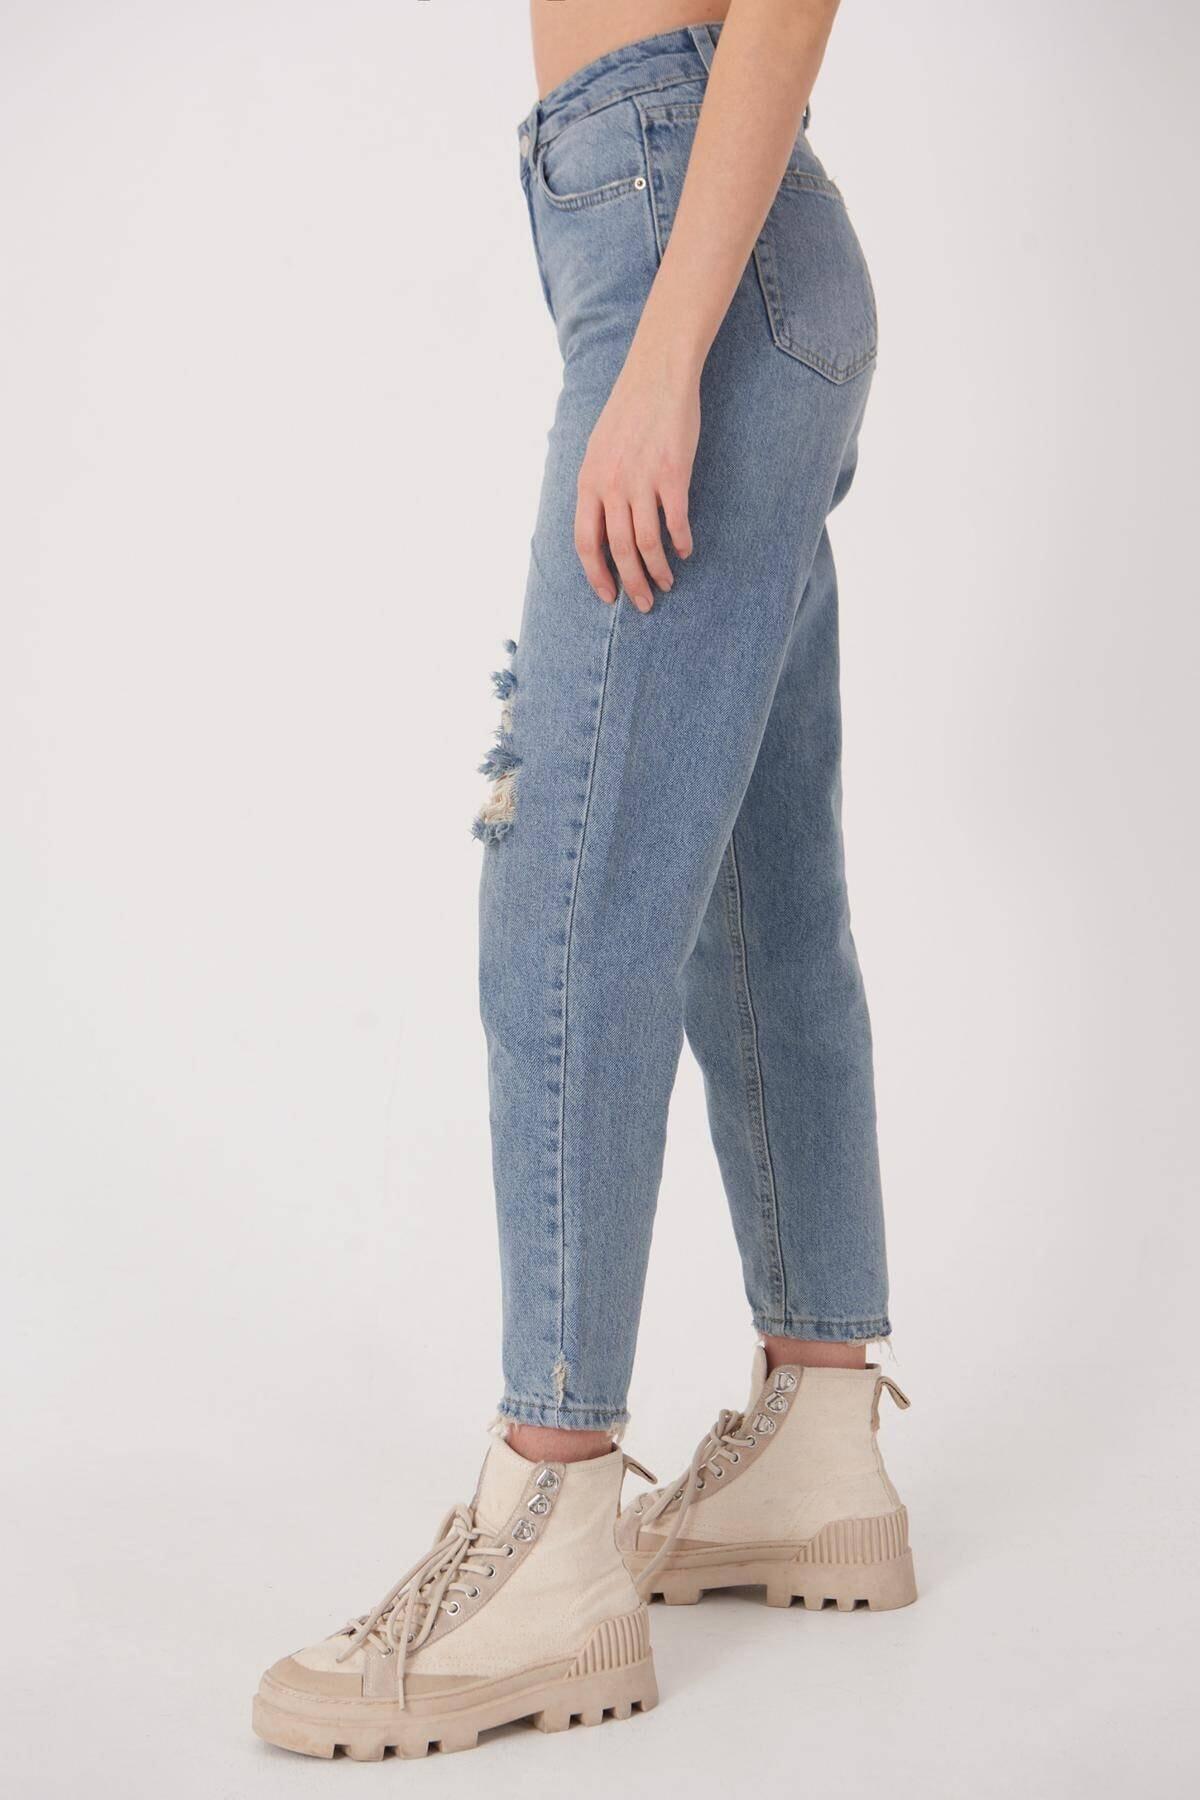 Addax Kadın Kot Rengi Yırtık Detaylı Jean Pantolon Pn7073 - Pnj Adx-0000023699 1